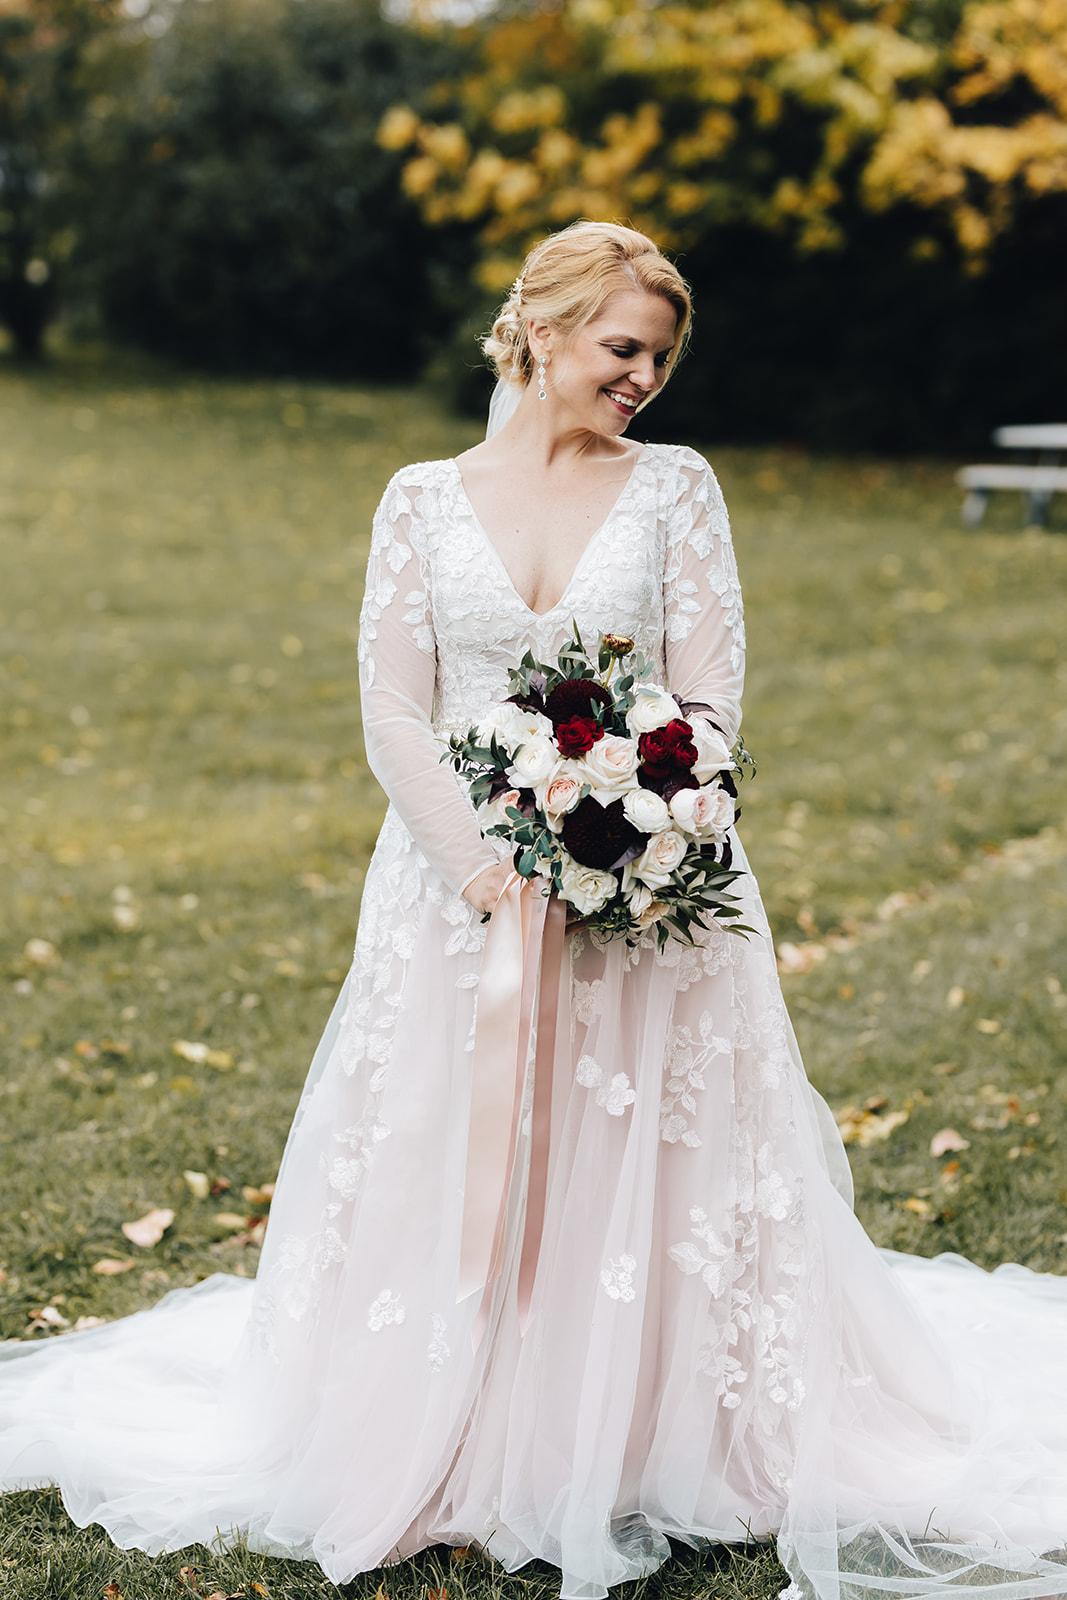 West Bay Beach bride holding her wedding bouquet